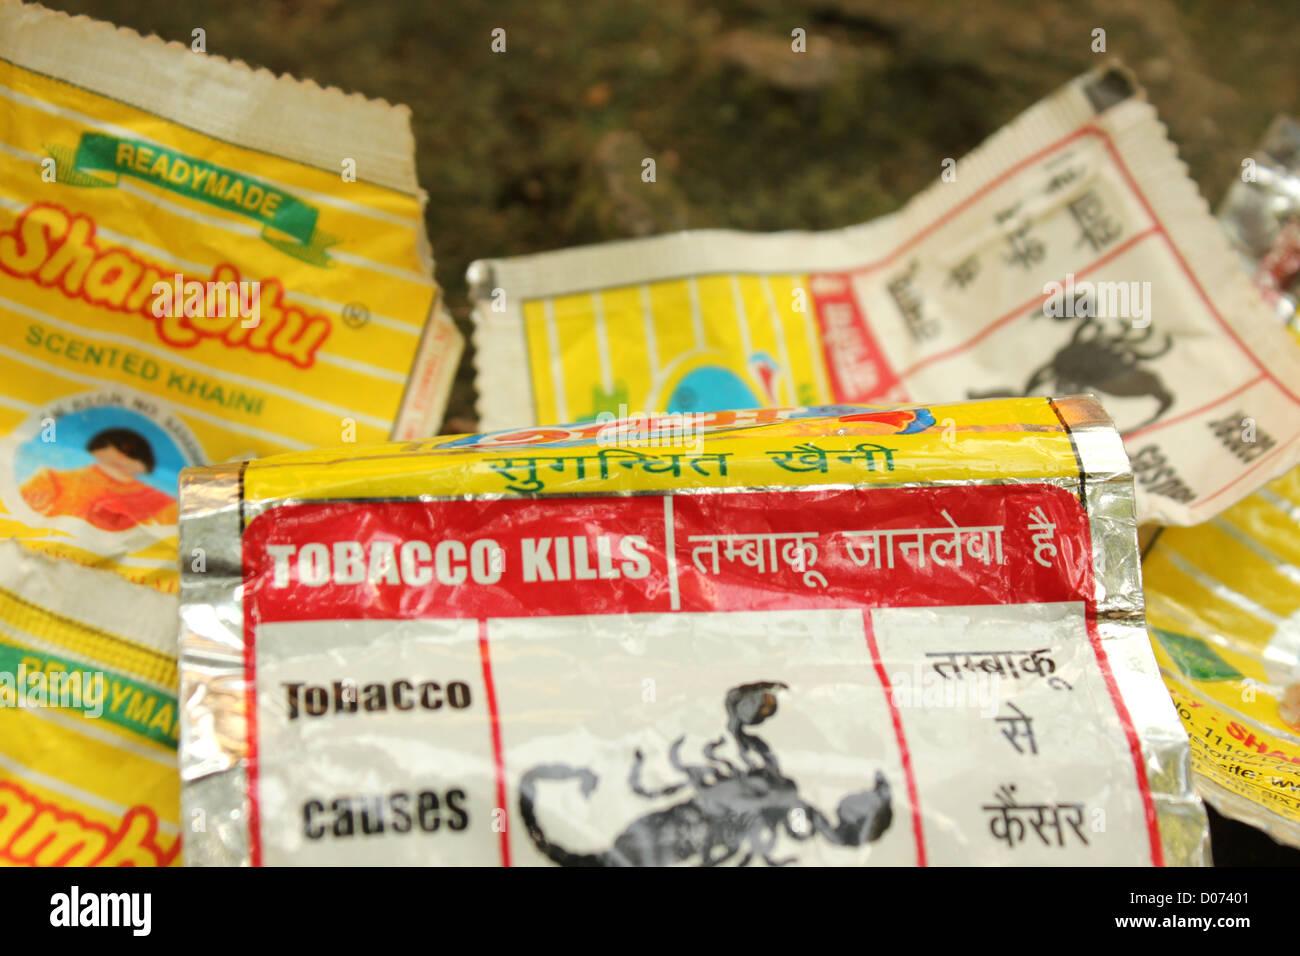 Kauen von Tabak Abdeckung Warnung Shambu khaini Stockbild